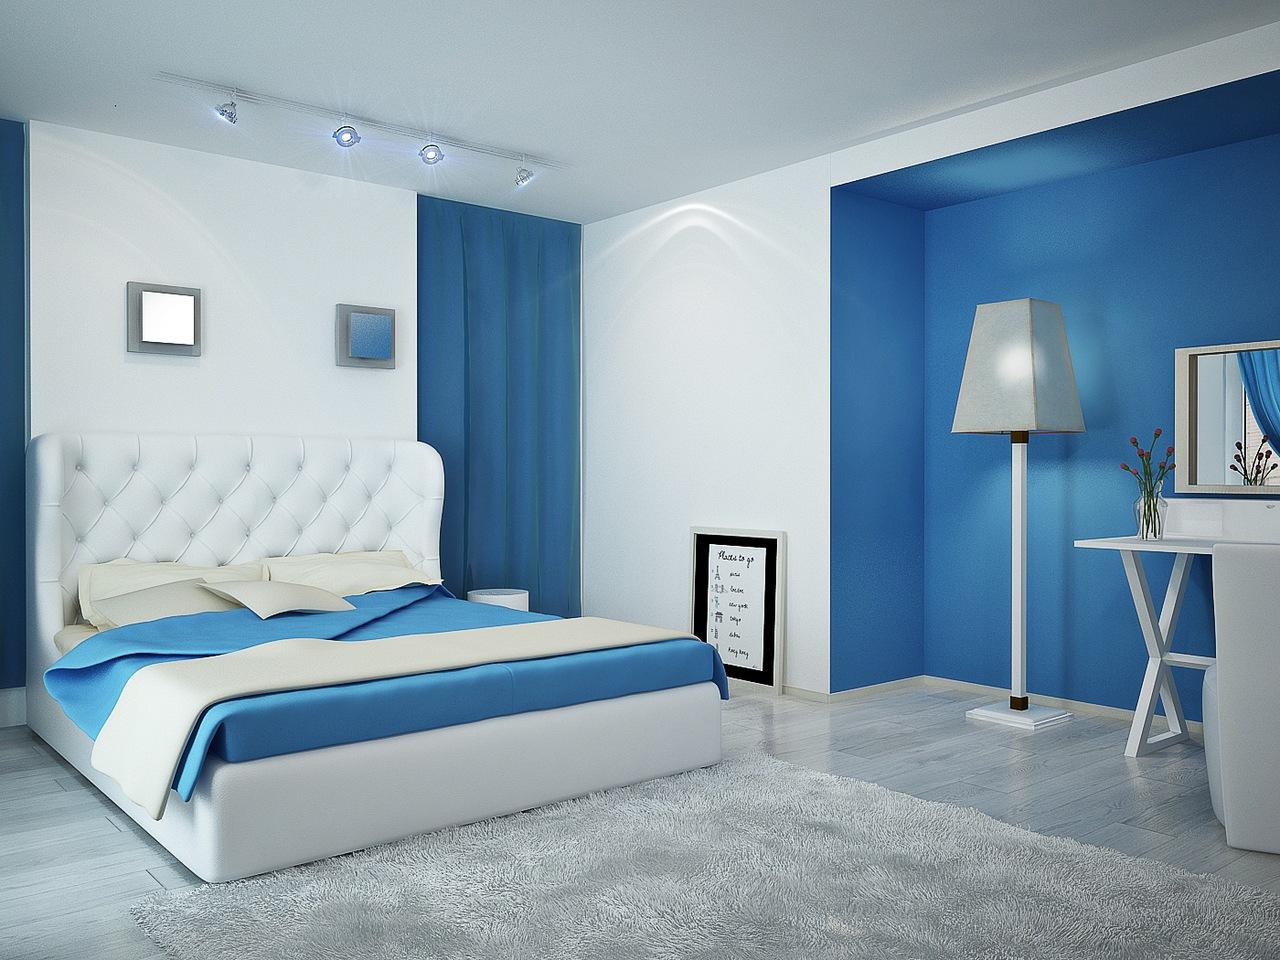 Разные типы освещения в сине-белой спальне